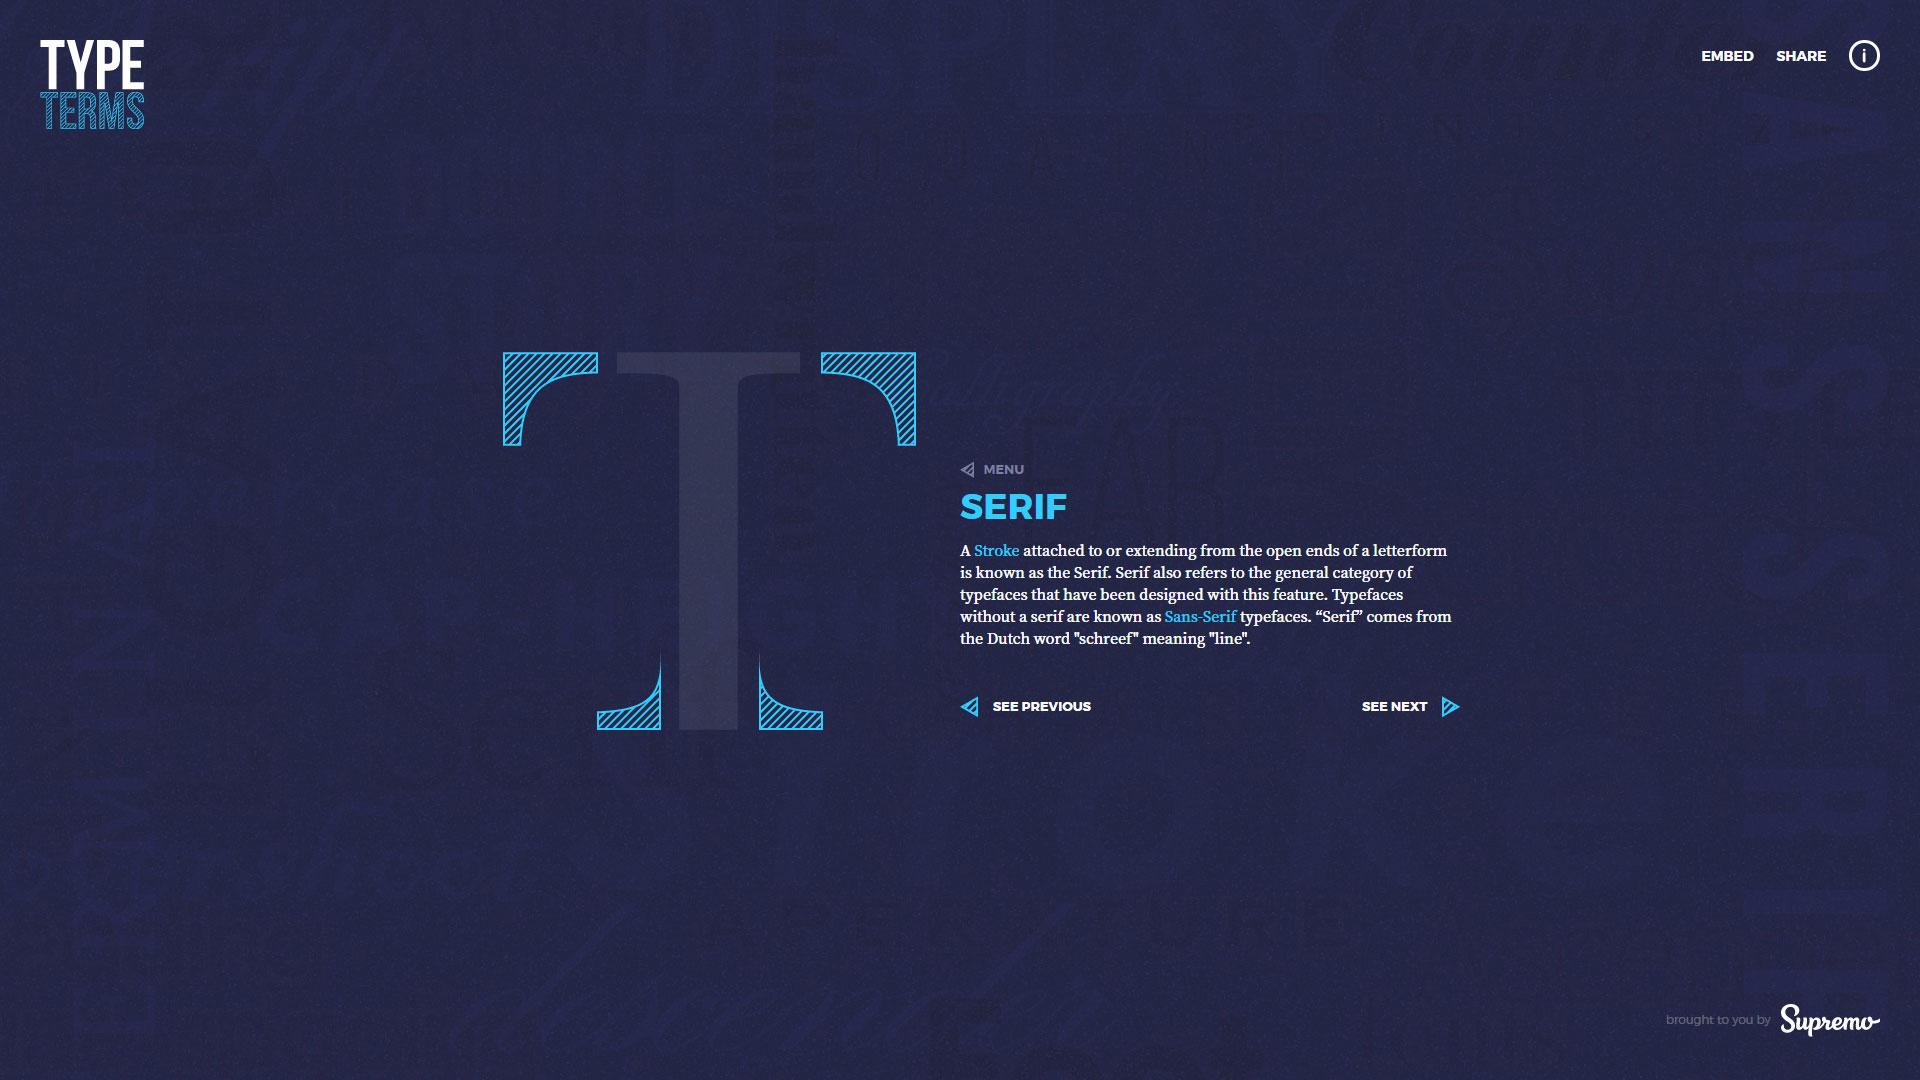 rgb.vn_typeterm-hoc-typography-bang-hinh-anh-chuyen-dong_02